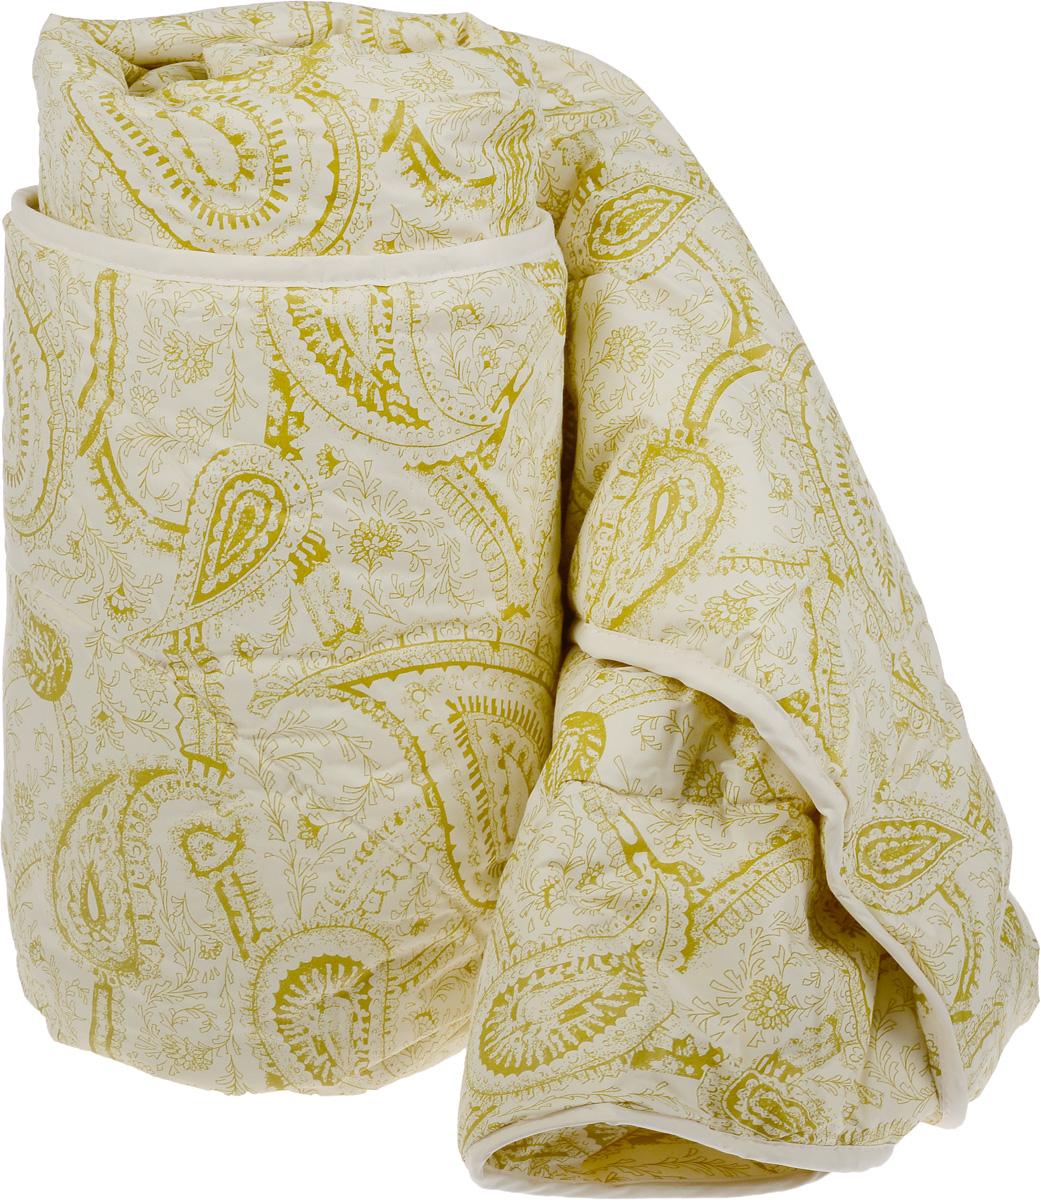 Одеяло Classic by Togas Пух в тике, наполнитель: лебяжий пух, 140 х 200 см. 20.04.12.007520.04.12.0075Одеяло Classic by Togas Пух в тике подарит комфортный и спокойный сон. Чехол одеяла выполнен из тика (100% хлопок), а наполнитель - синтетическое микроволокно лебяжий пух. Одеяло имеет классический крой, скругленные углы, кант и стежку, которая равномерно распределяет наполнитель внутри. Благодаря непревзойденным пуходержащим свойствам тика вы ощутите идеальный комфорт. Эта пухосдерживающая ткань прочнейшего саржевого или полотняного переплетения имеет специальную пропитку, которая не дает даже мельчайшим волокнам наполнителя проникать сквозь ткань. Тик превосходно пропускает воздух, впитывает влагу, оставаясь при этом сухим на ощупь. Тиковая ткань мягкая, нежная и не раздражает кожу, но при этом очень практичная и прочная. Микроволокно, которым наполнено одеяло, очень схоже с натуральным лебяжьим пухом - оно такое же мягкое, нежное и упругое. При этом микроволокно очень прочно и долговечно, гипоаллергенно и мгновенно восстанавливает форму после сжатия, благородя обработке силиконом, который уменьшает трение между волокнами наполнителя. Мягкий, воздушный и упругий искусственный пух в сочетании с гладкостью натурального тика создает идеальные условия для комфортного отдыха.Допускается деликатная машинная стирка при температуре не выше 30°С. После стирки слегка отожмите, сушите в сухом и теплом помещении на горизонтальной поверхности, периодически взбивая.